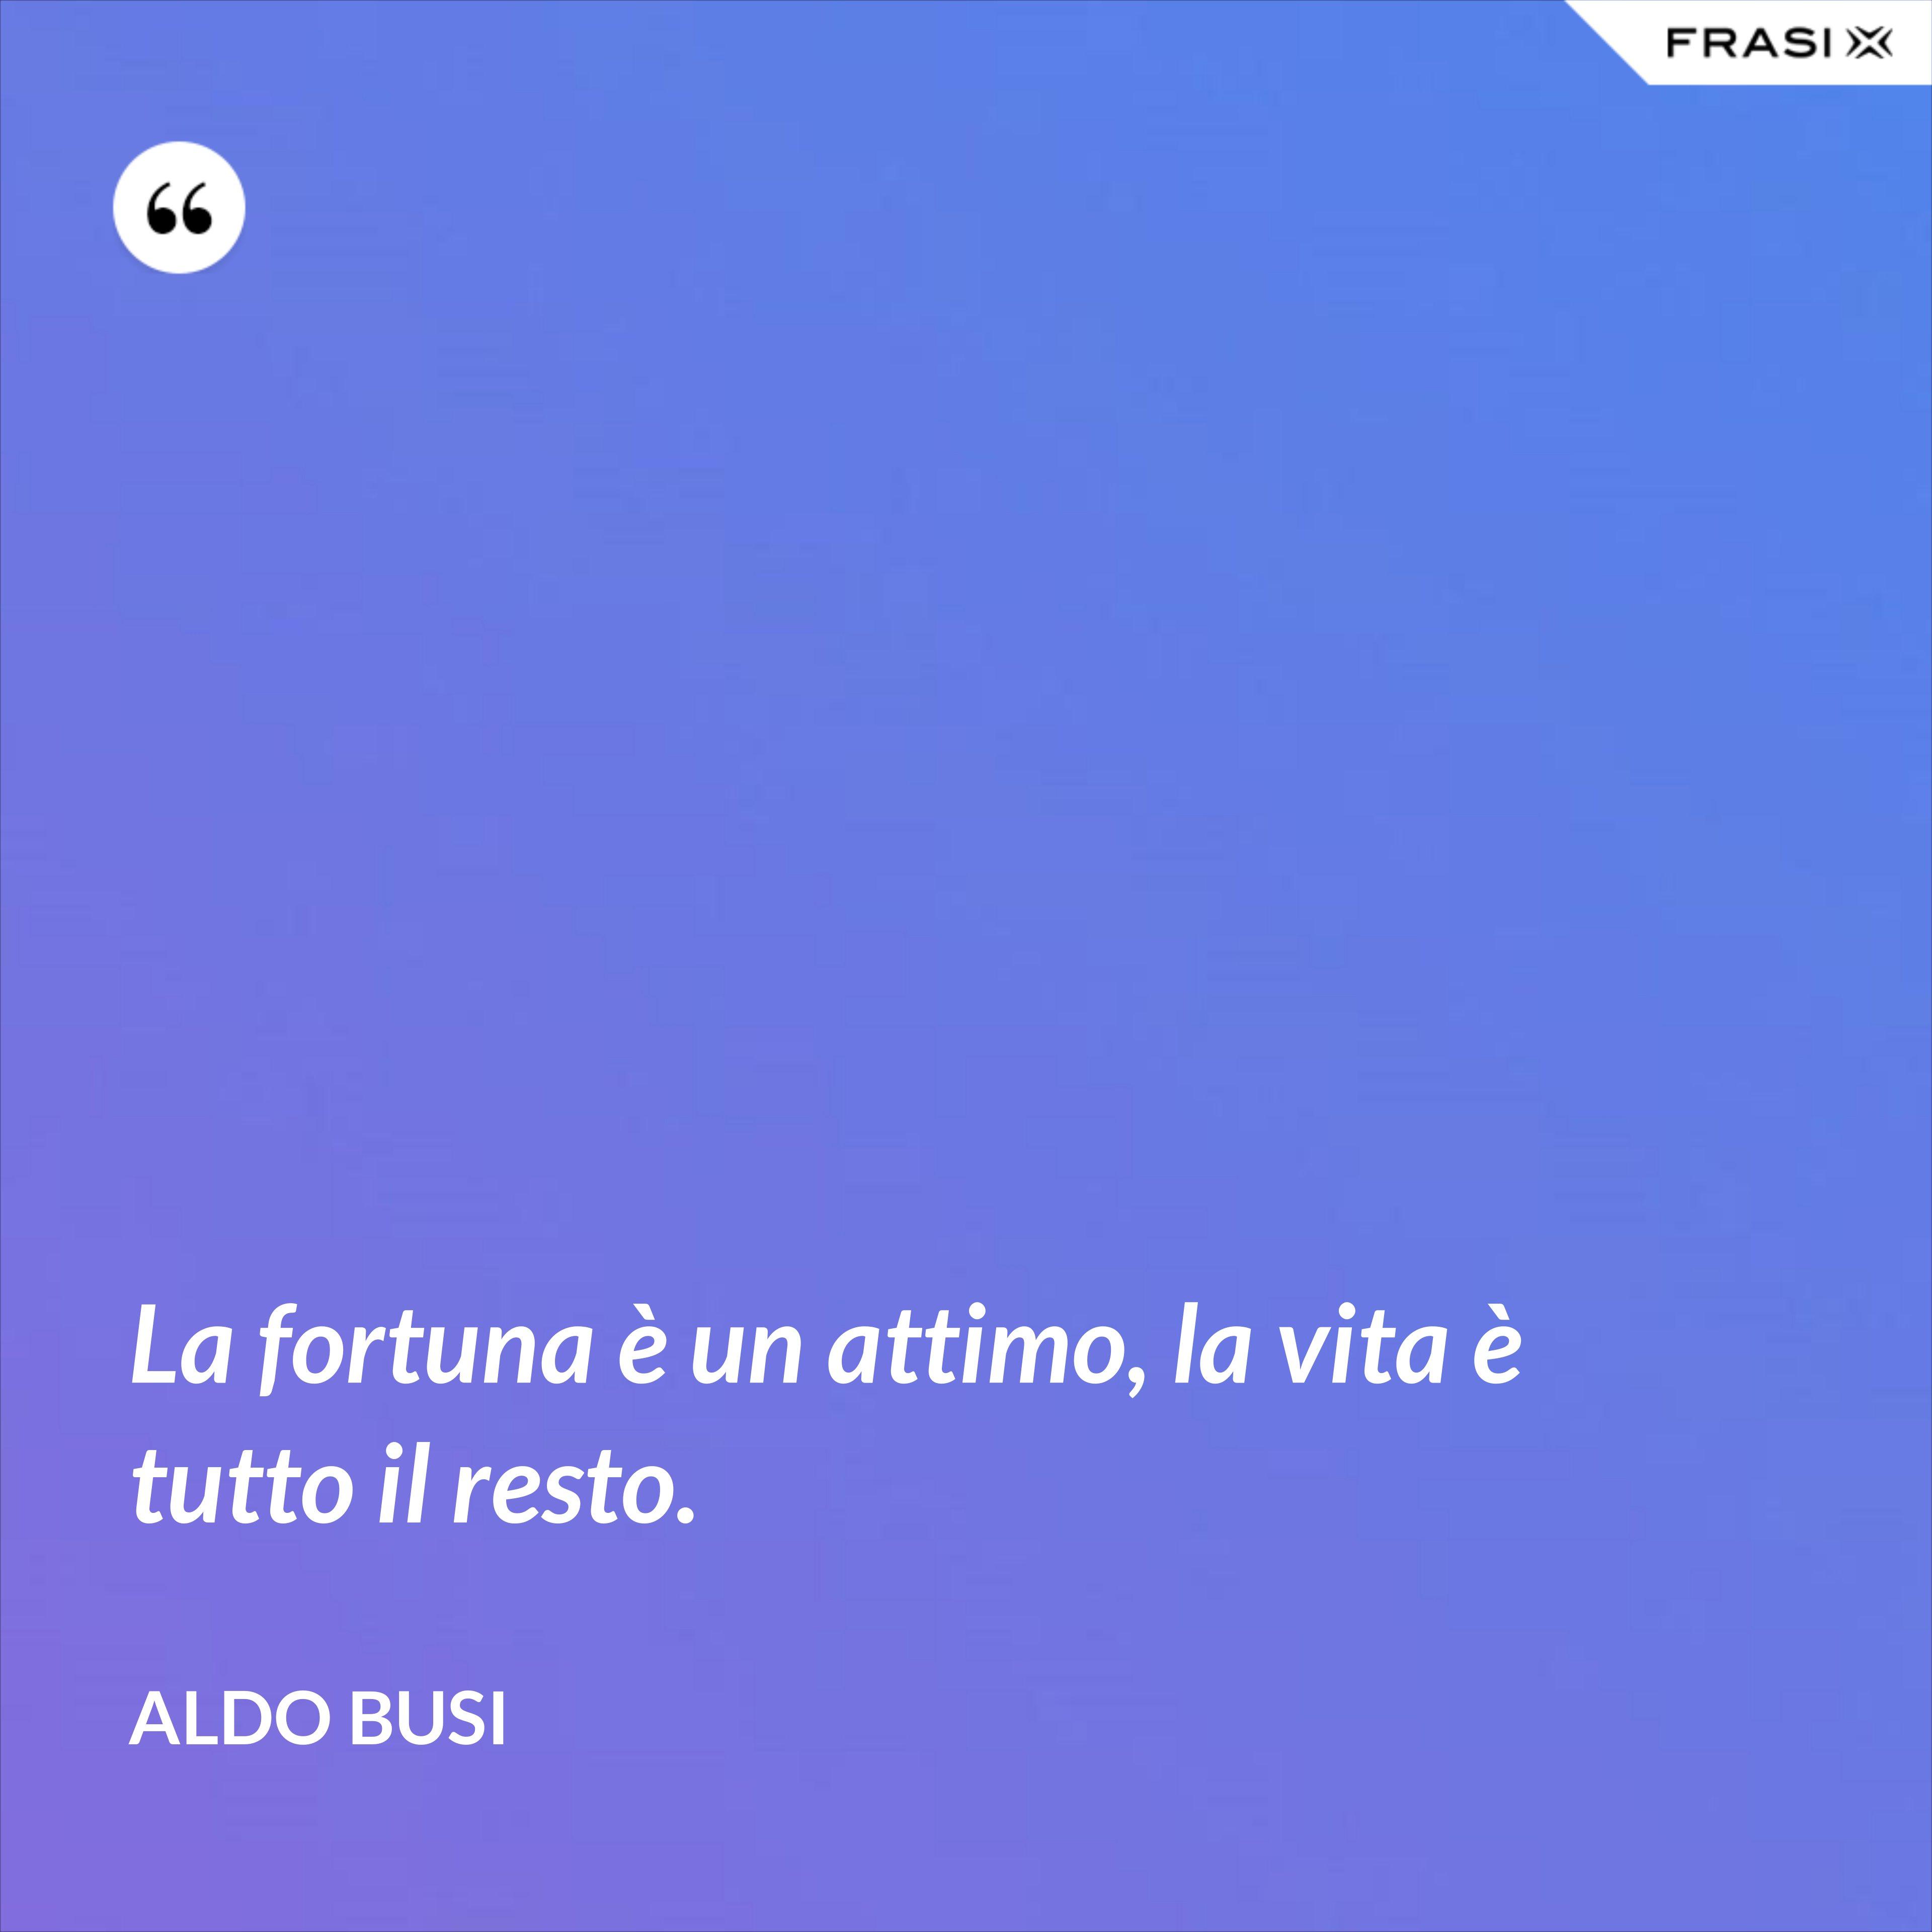 La fortuna è un attimo, la vita è tutto il resto. - Aldo Busi